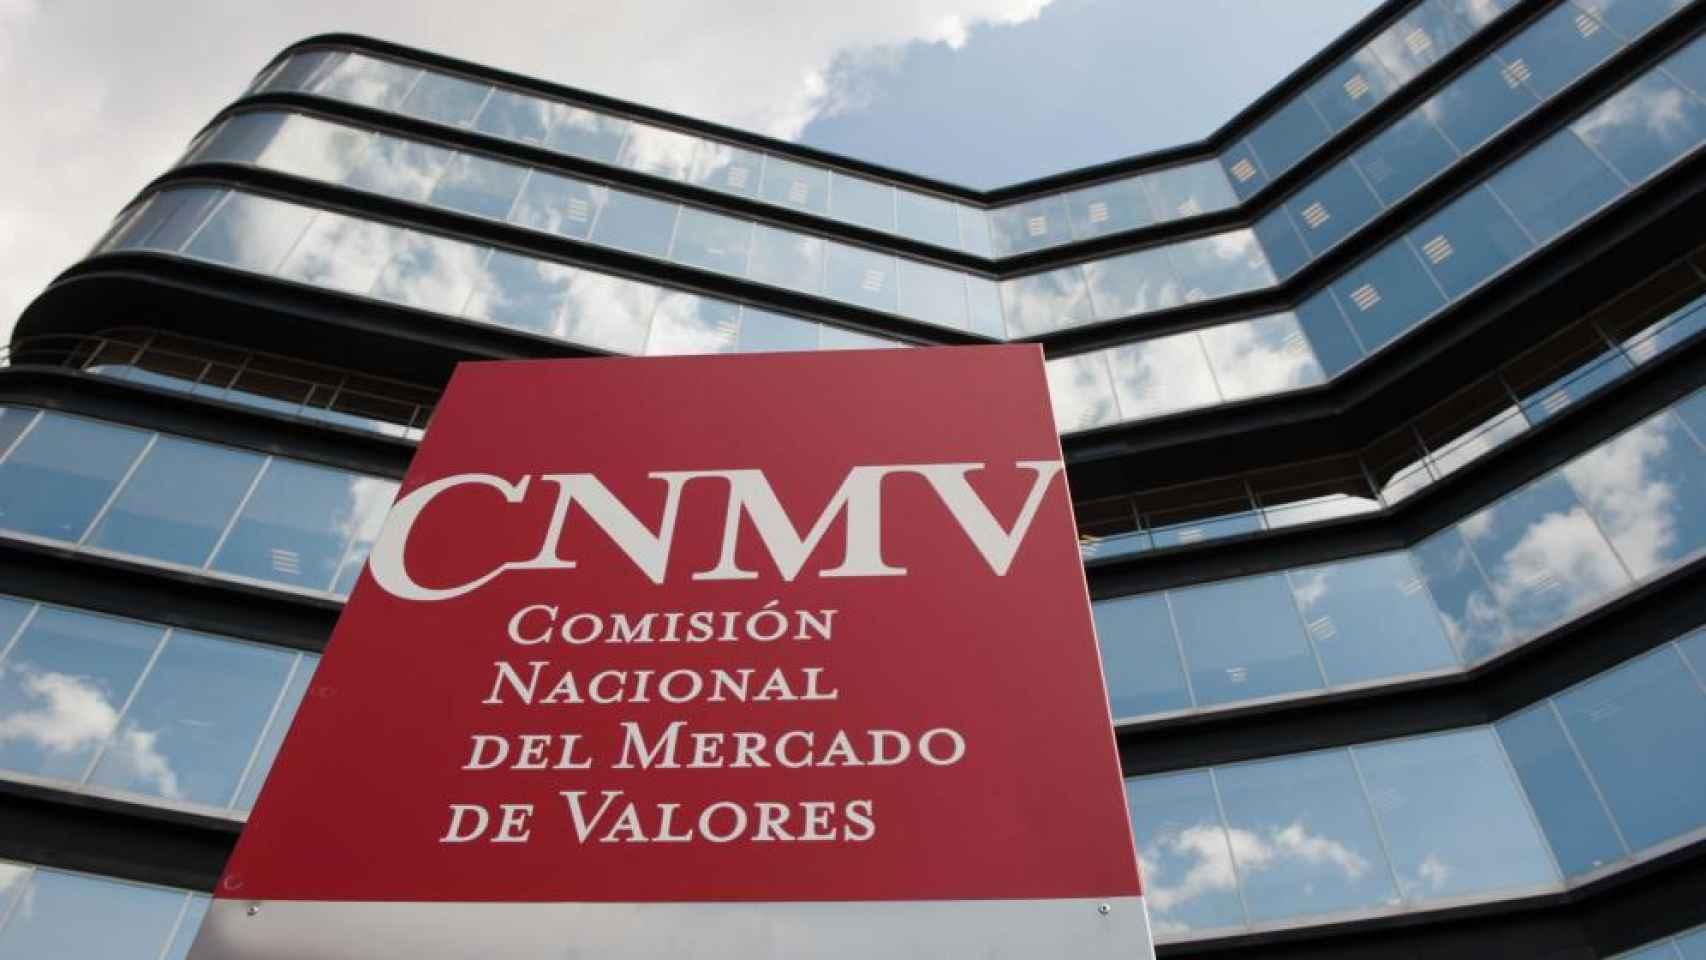 Sede madrileña de la Comisión Nacional del Mercado de Valores (CNMV).